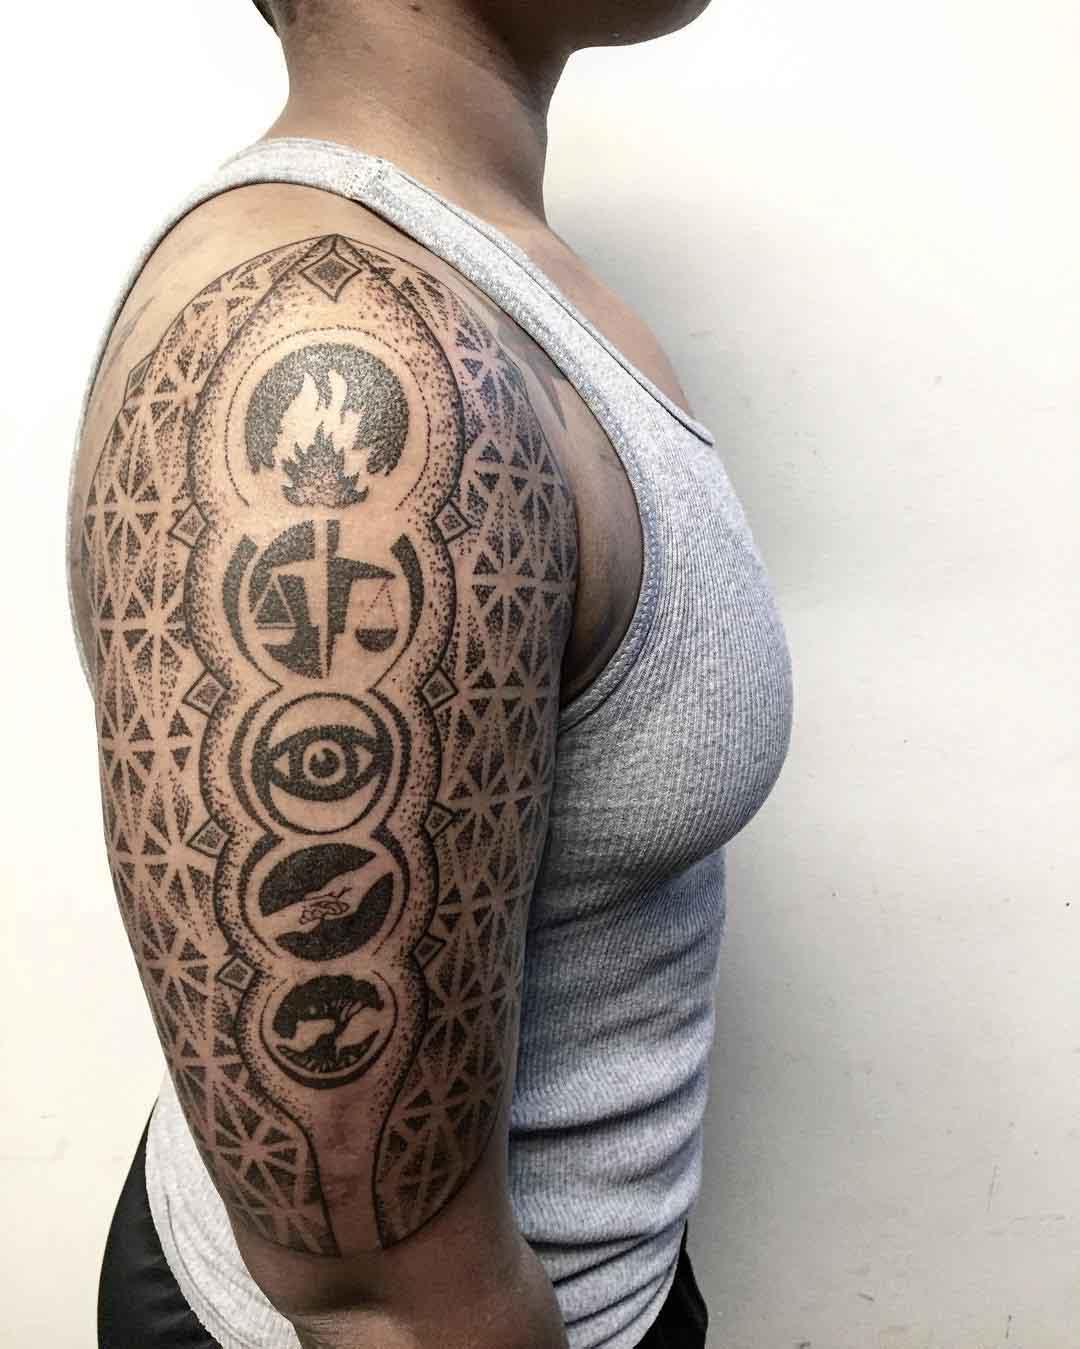 divergent faction symbols tattoo dotwork on shoulder